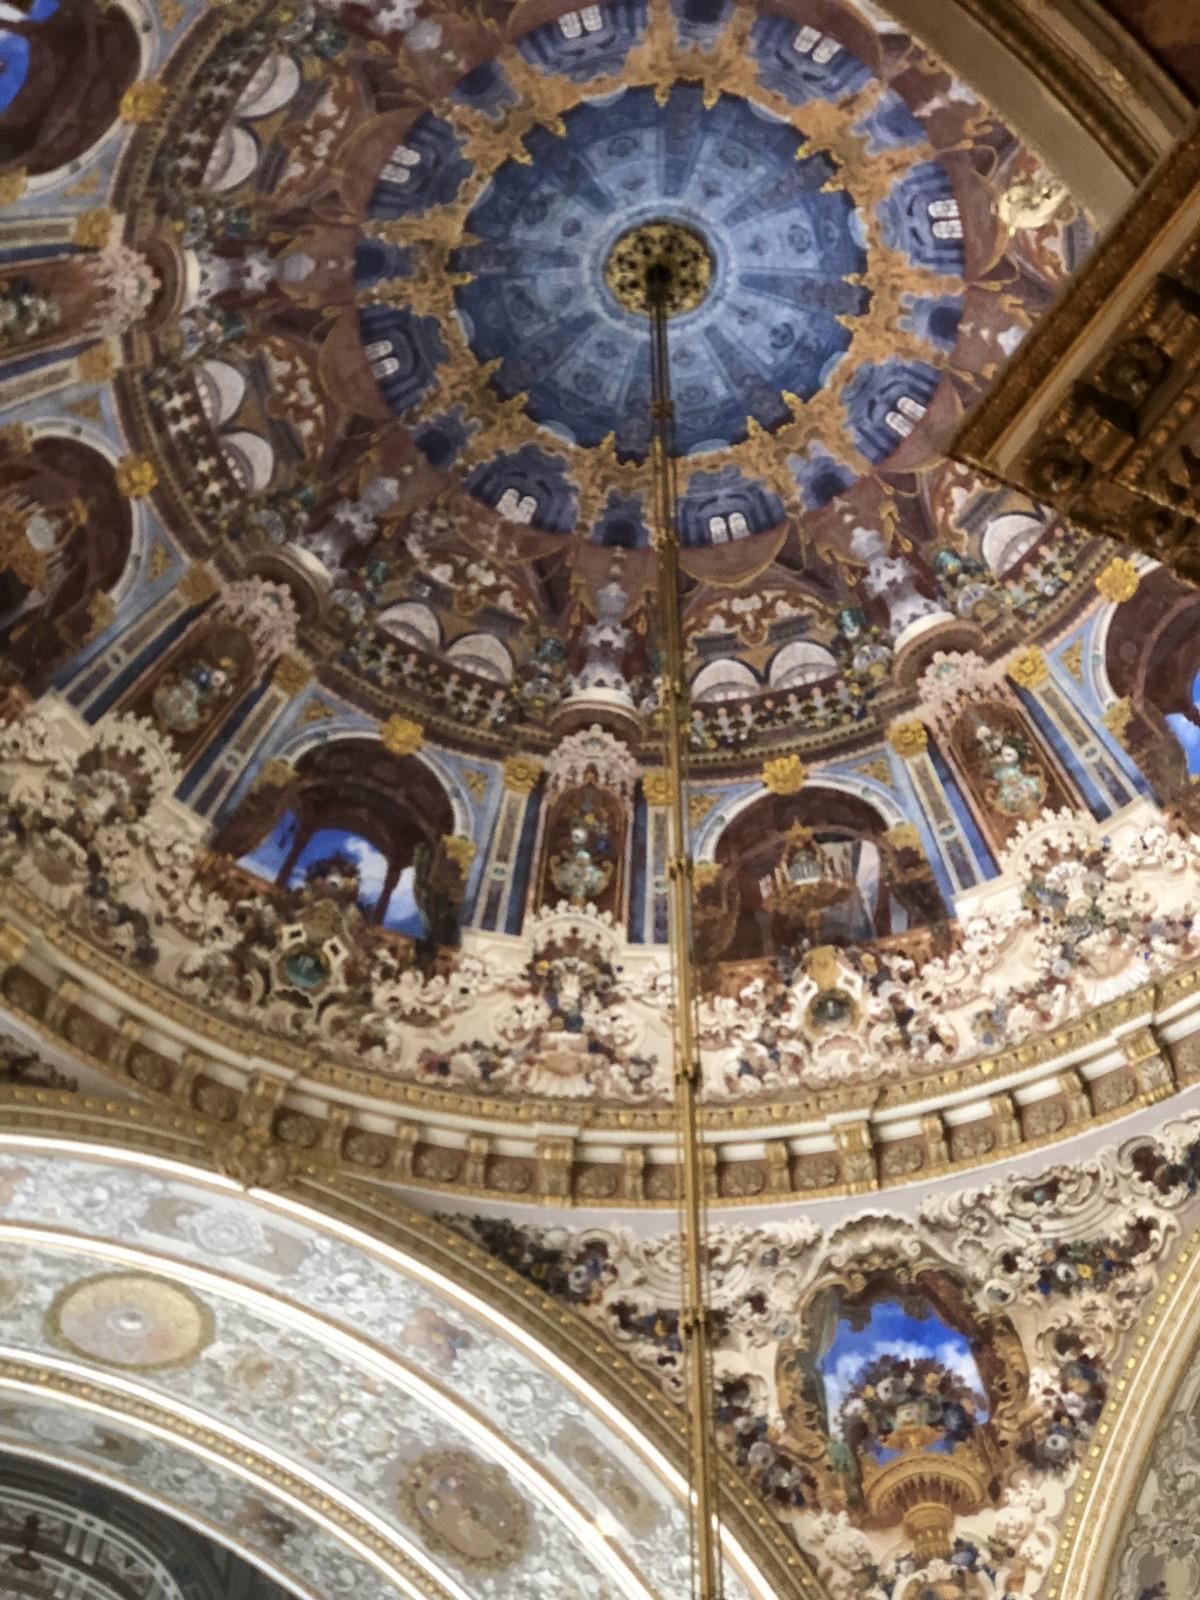 ¿Os imagináis tener este techo en vuestro salón?